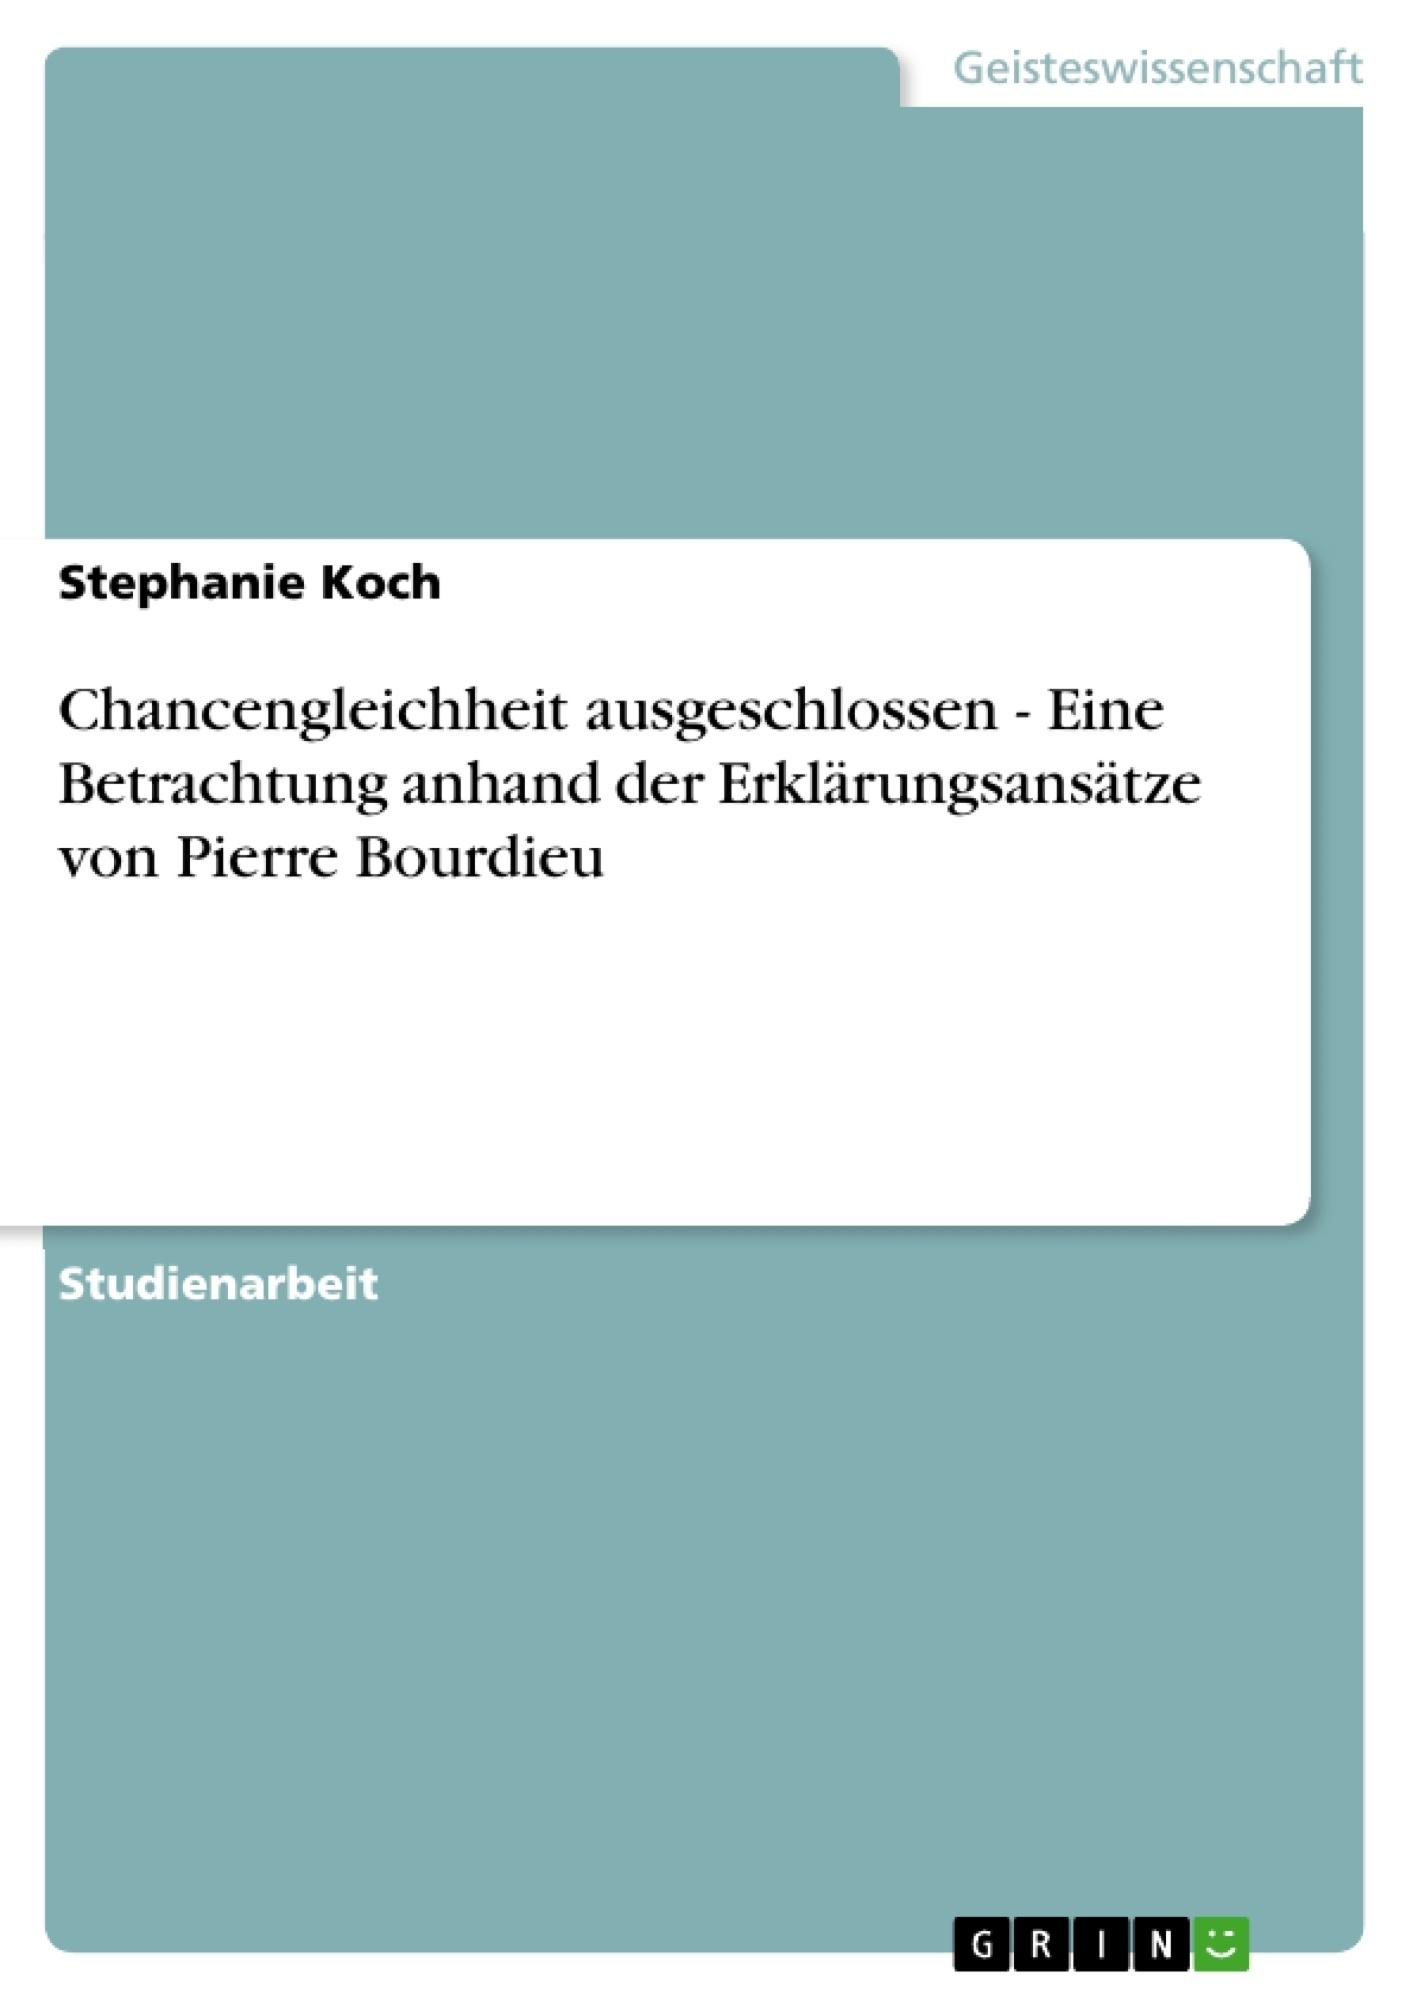 Titel: Chancengleichheit ausgeschlossen - Eine Betrachtung anhand der Erklärungsansätze von Pierre Bourdieu